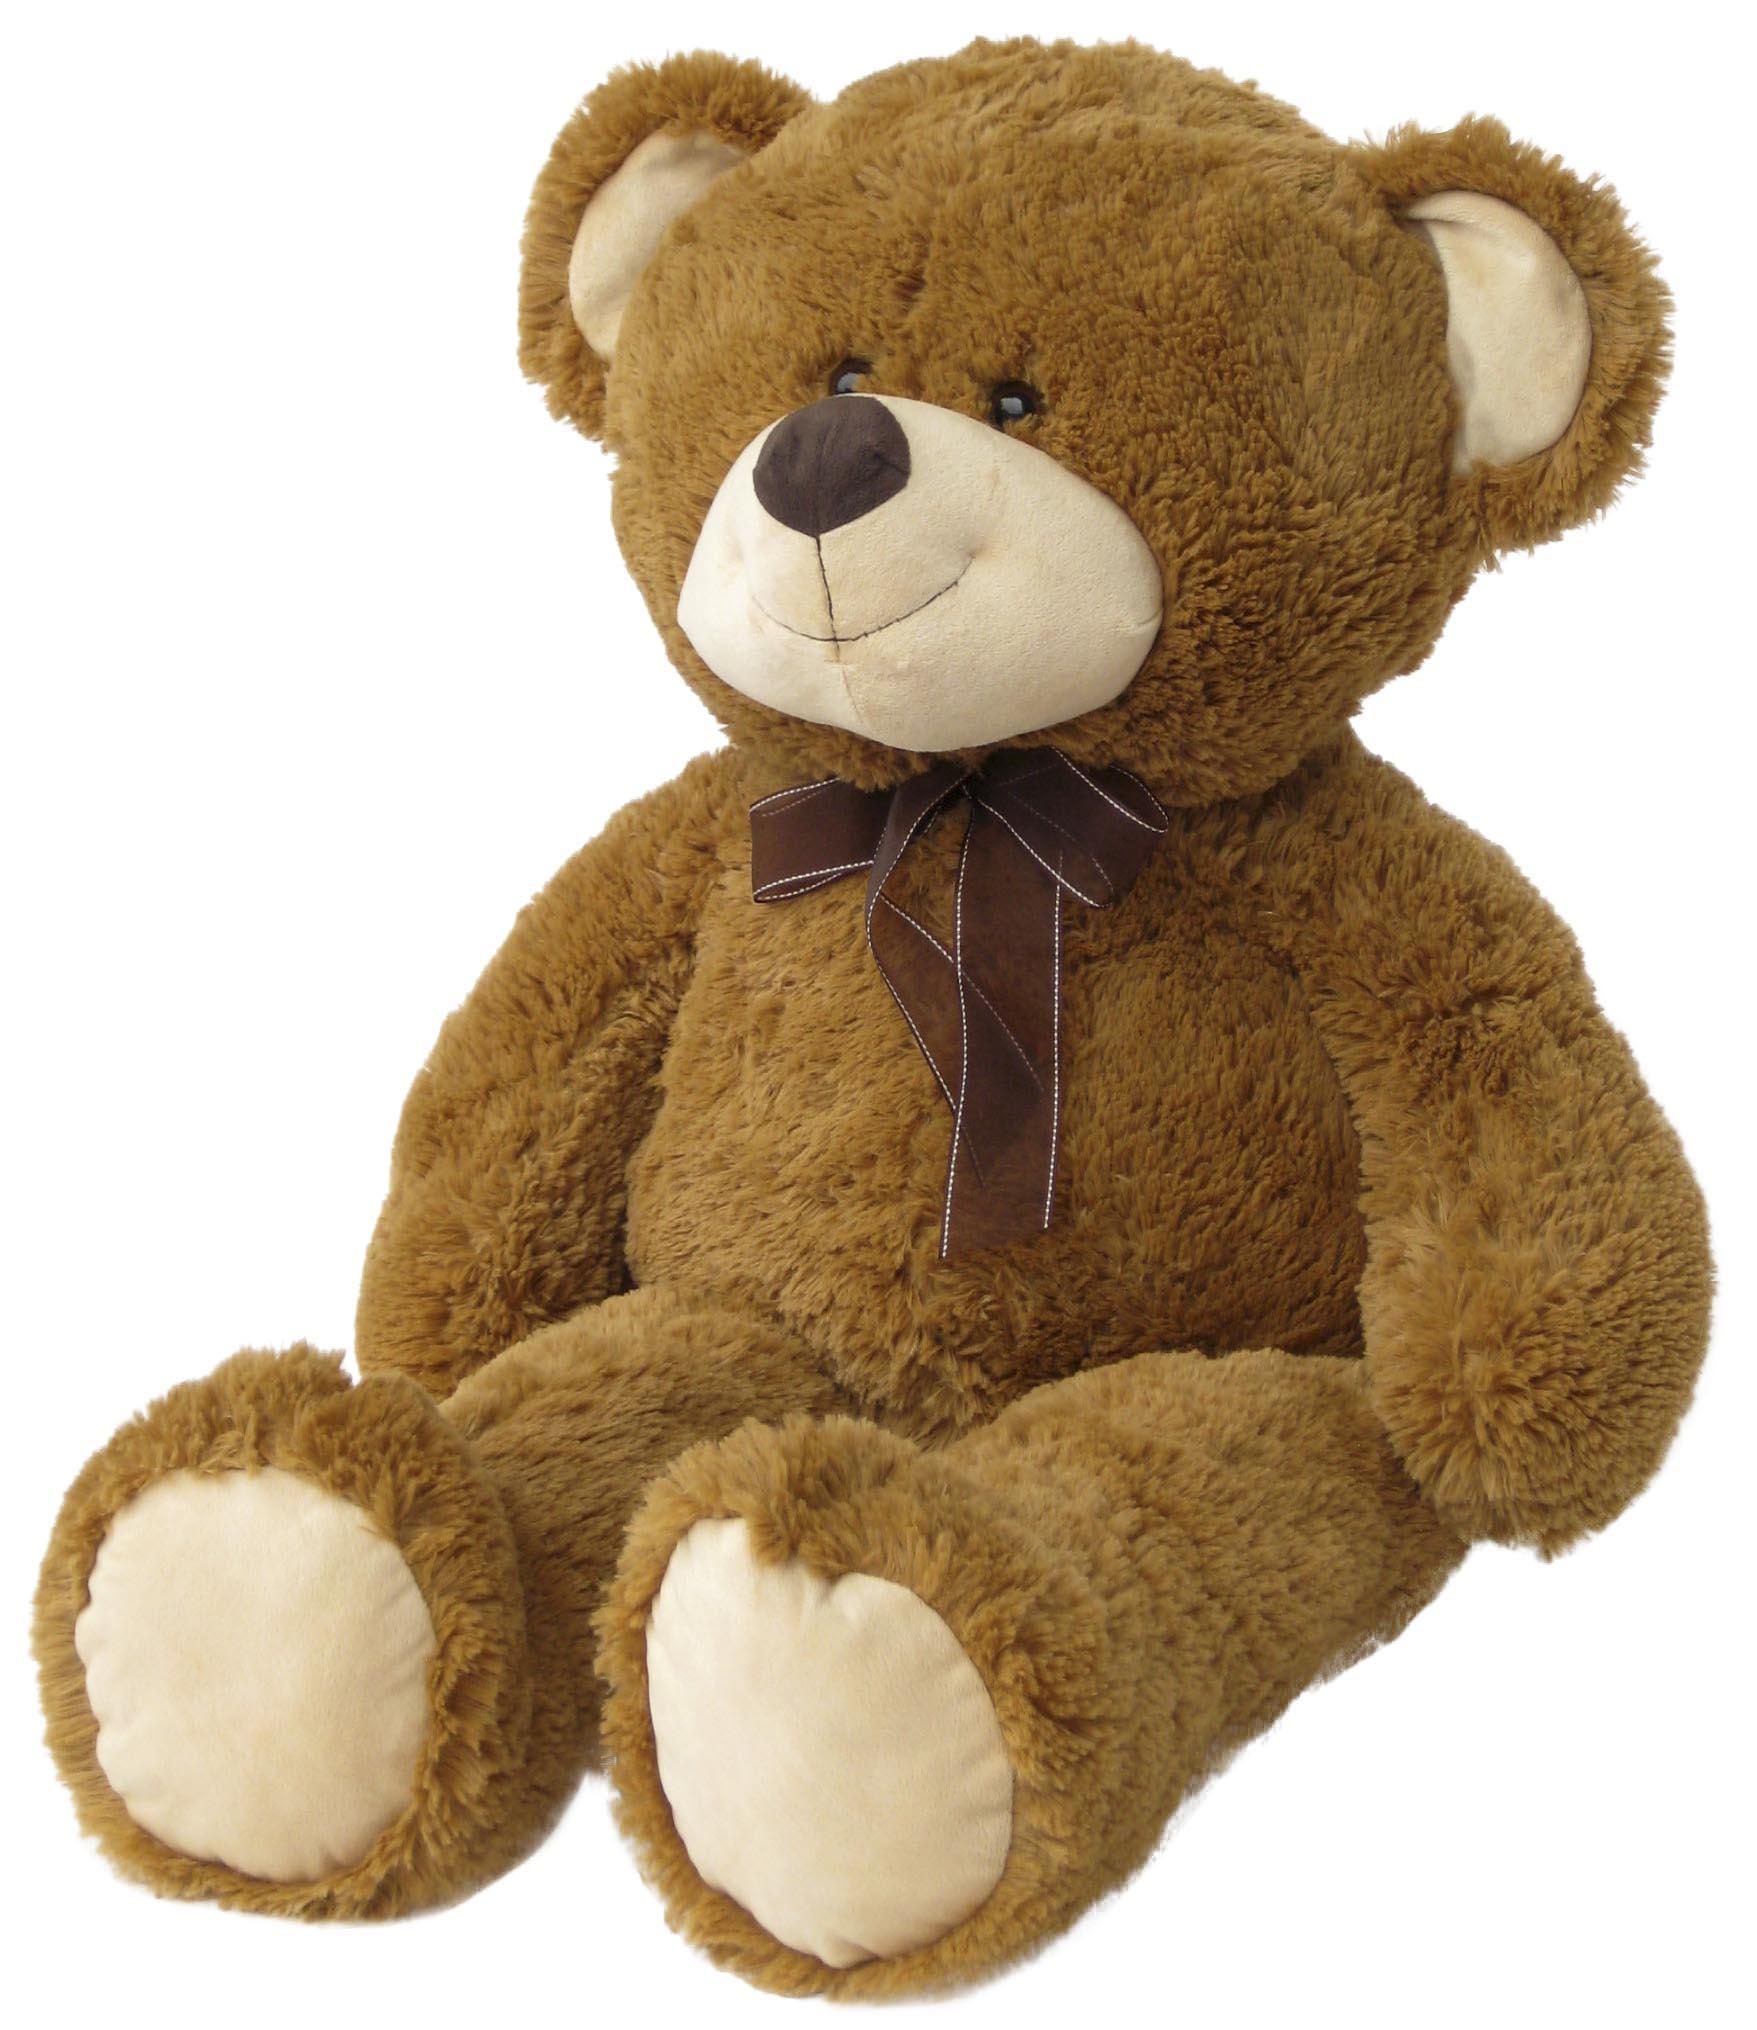 wagner 9022 xxl teddyb r 100 cm braun pl schb r teddy. Black Bedroom Furniture Sets. Home Design Ideas